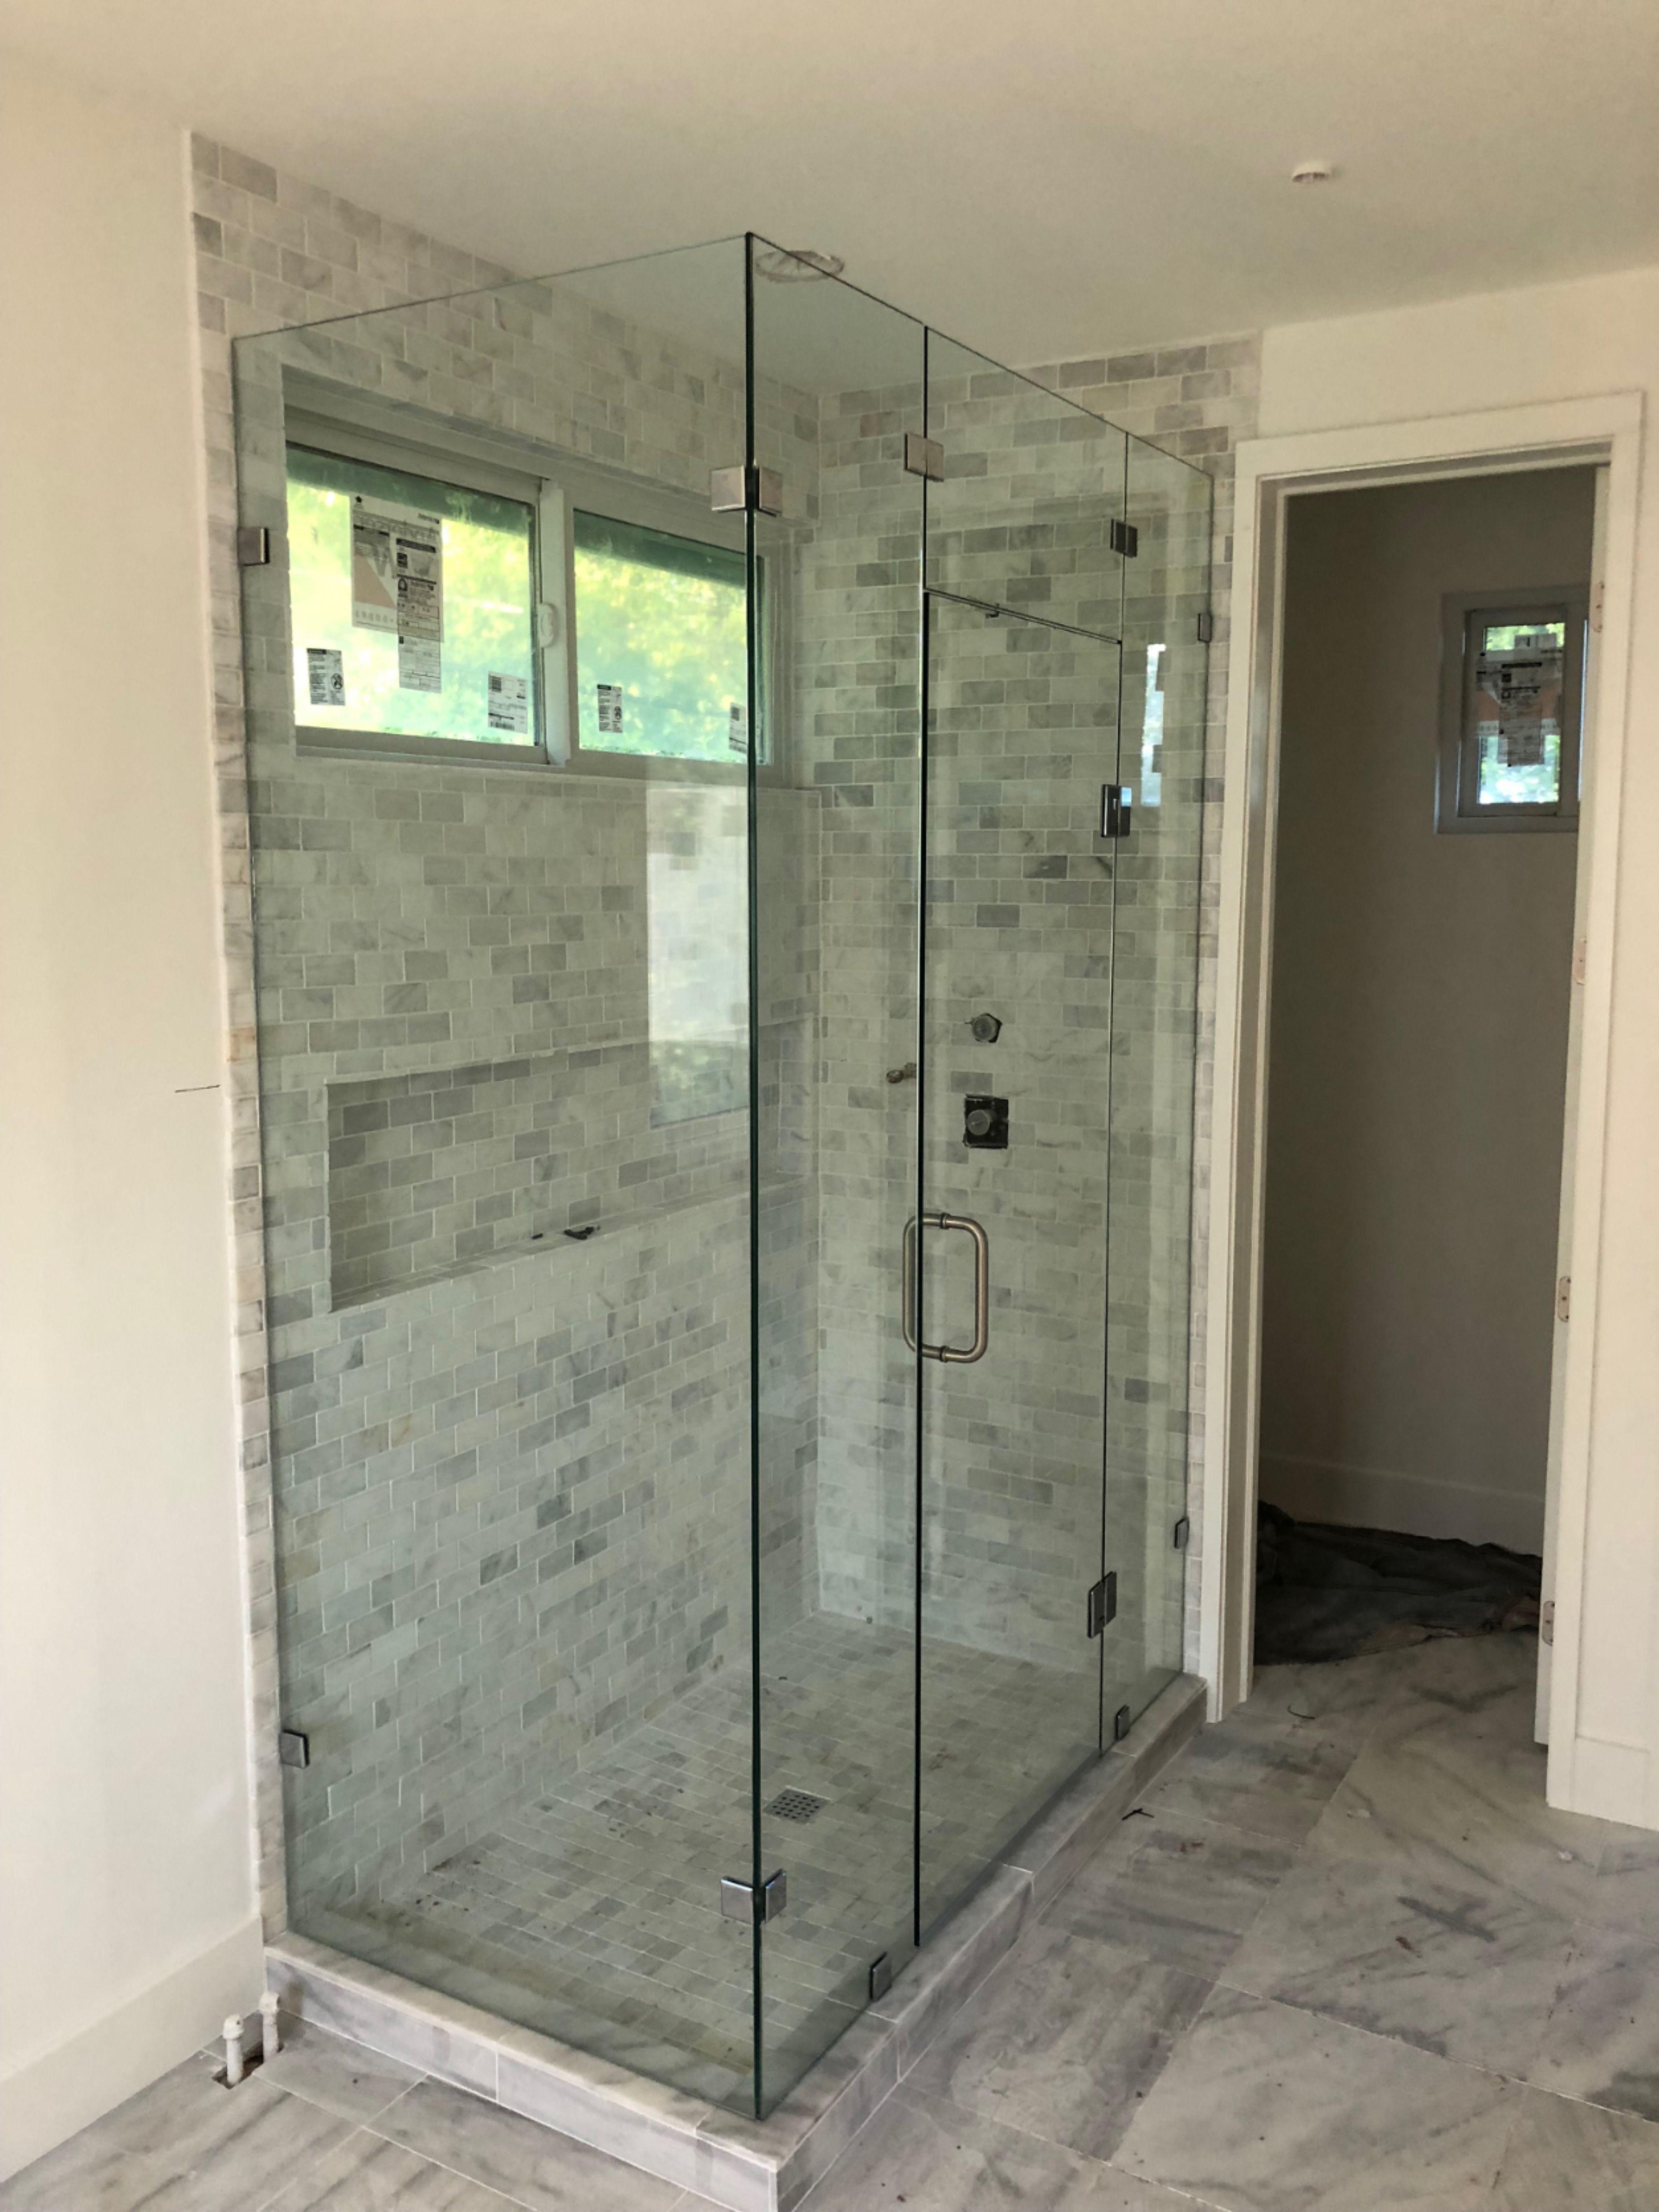 Bathroom Remodel Inspiration Glass Shower Enclosures Glass Shower Enclosures Glass Shower Frameless Glass Shower Enclosure